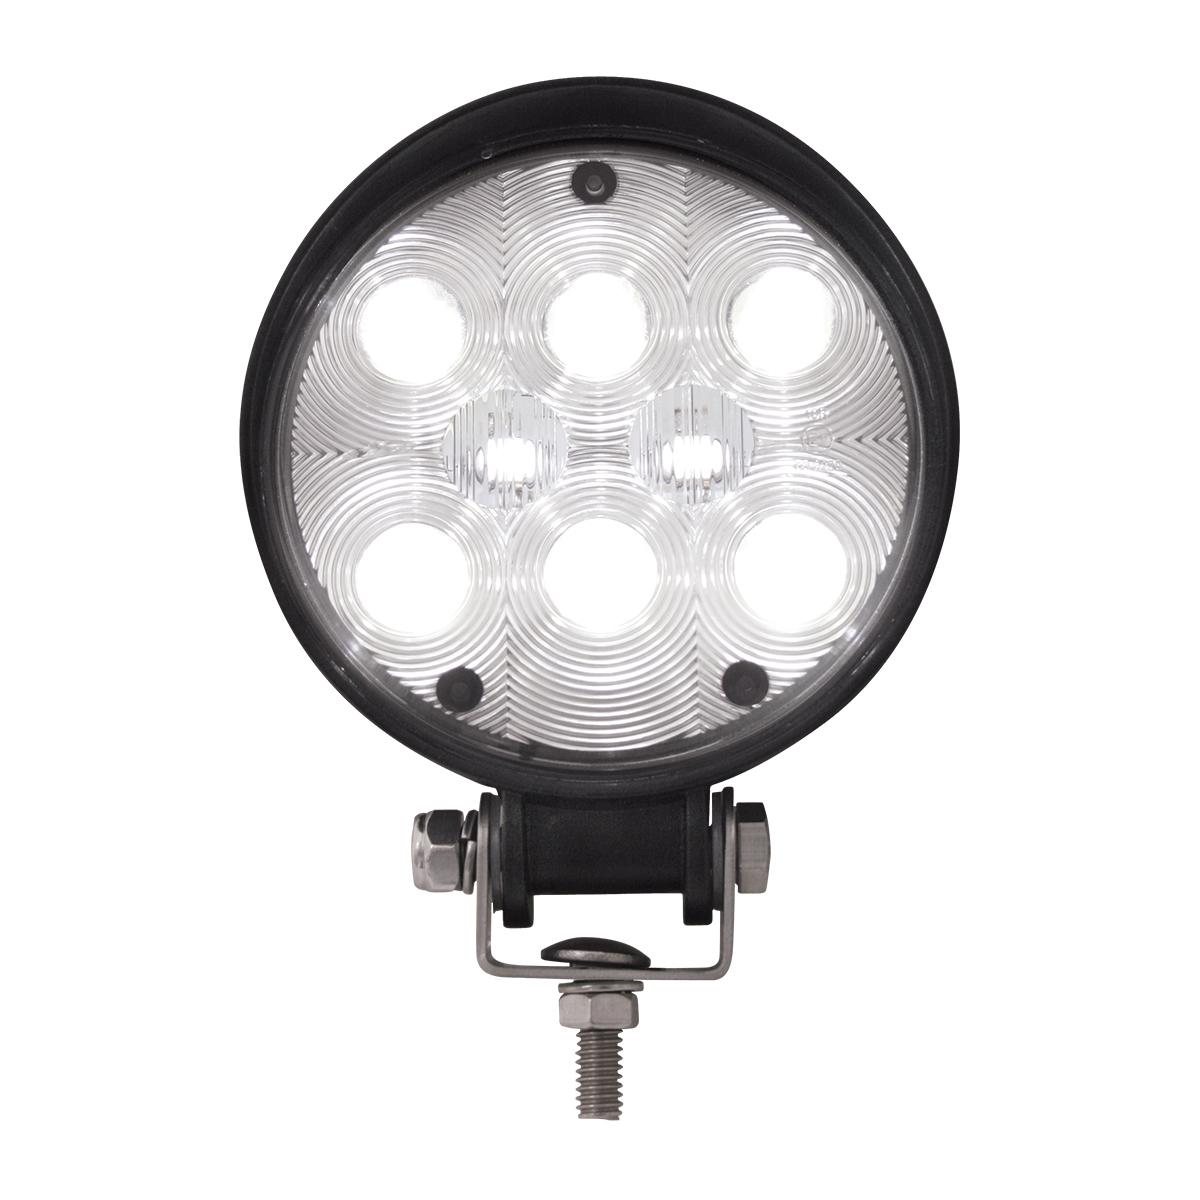 Round (8 LED) WORK LIGHT - High intensity White LED Truck Work Light